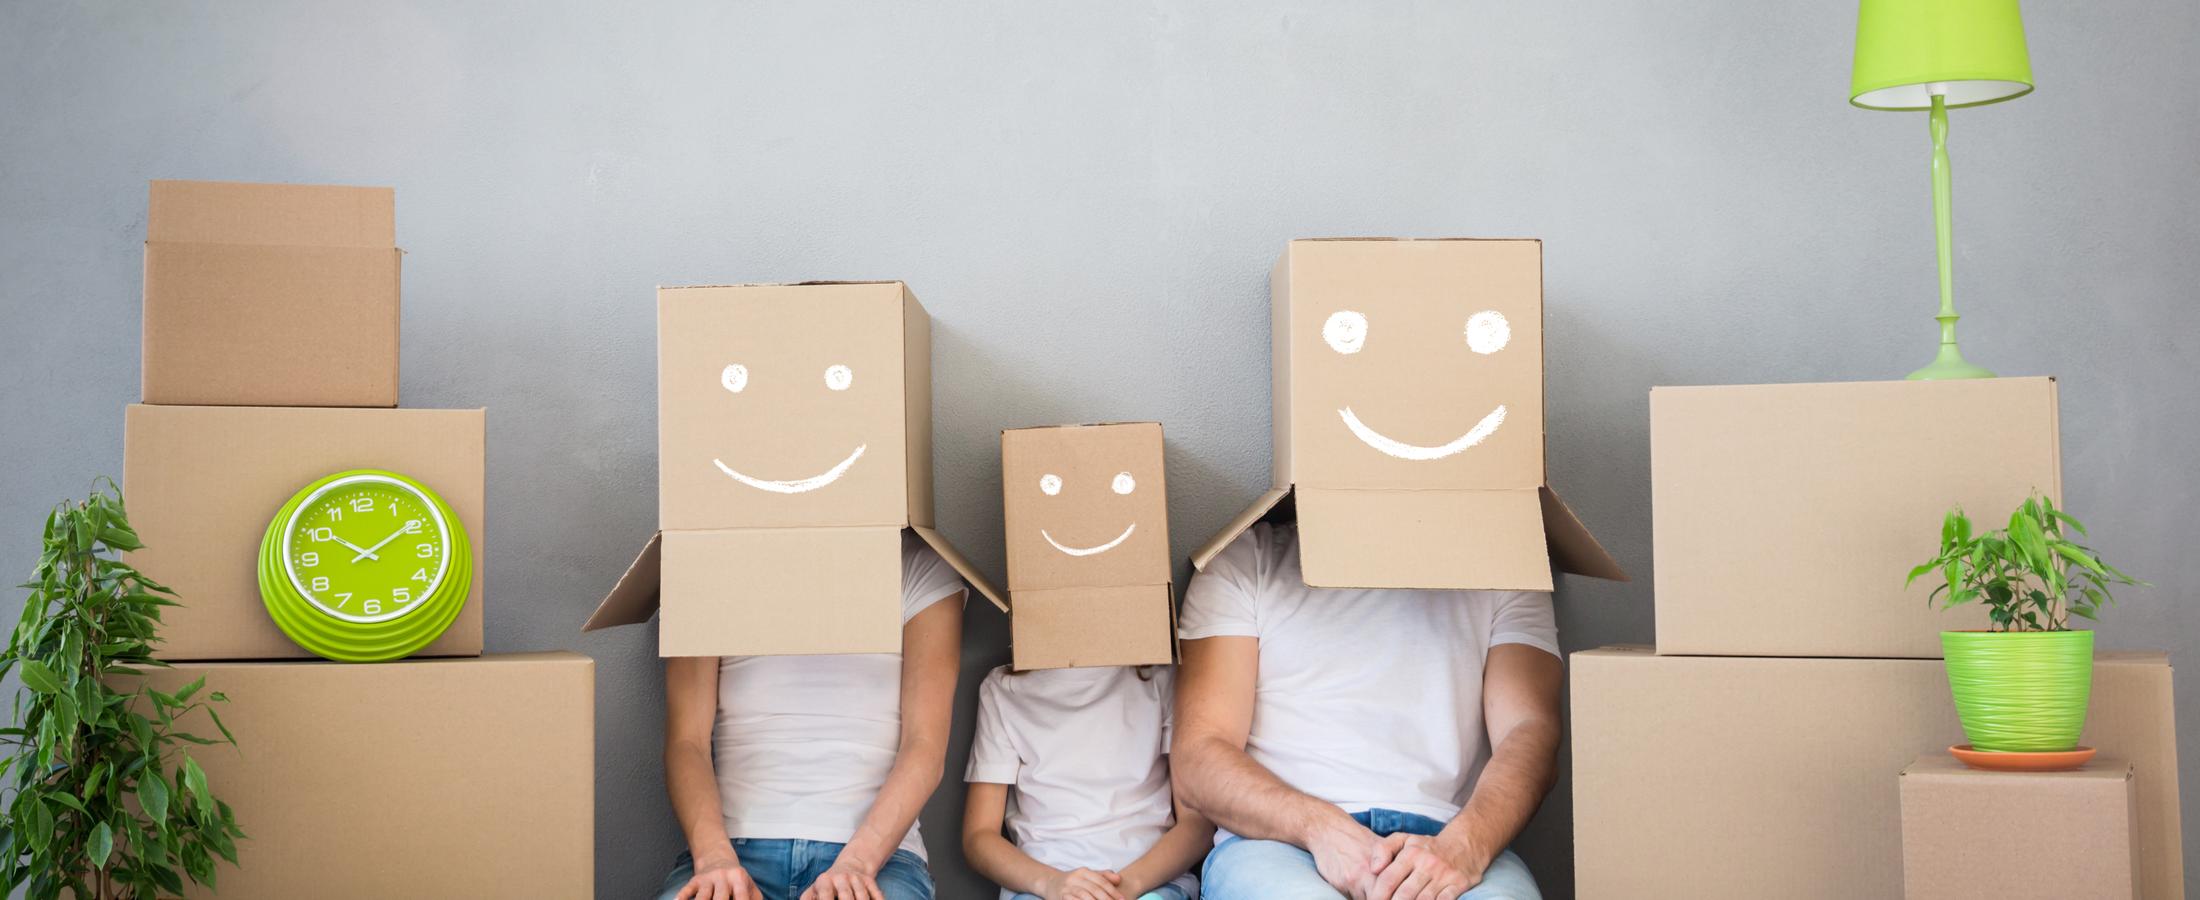 Separazione, divorzio... le famiglie aperte: la terapia aiuta?